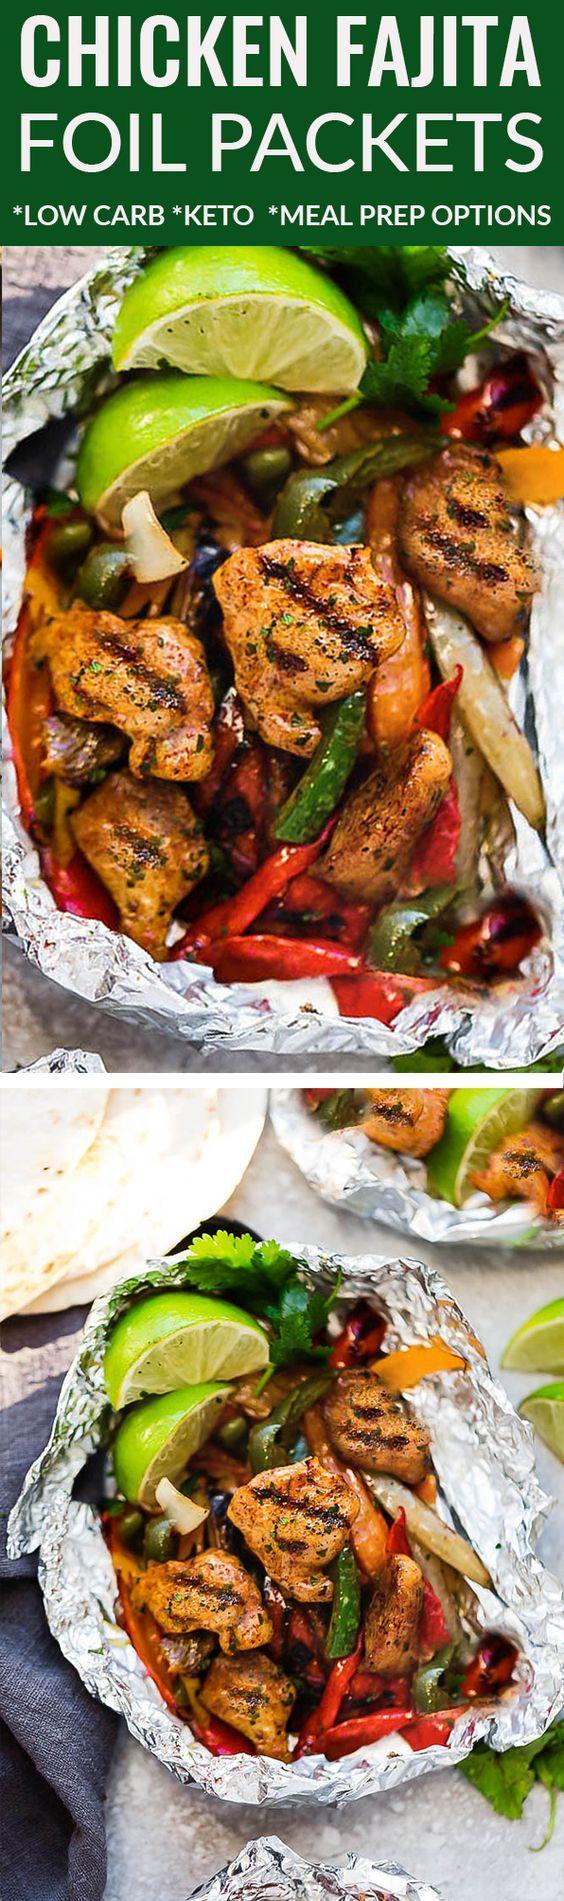 Gegrillte oder Ofen Chicken Fajita Foil Packets sind die perfekte einfache Mahlzeit für den Sommer …